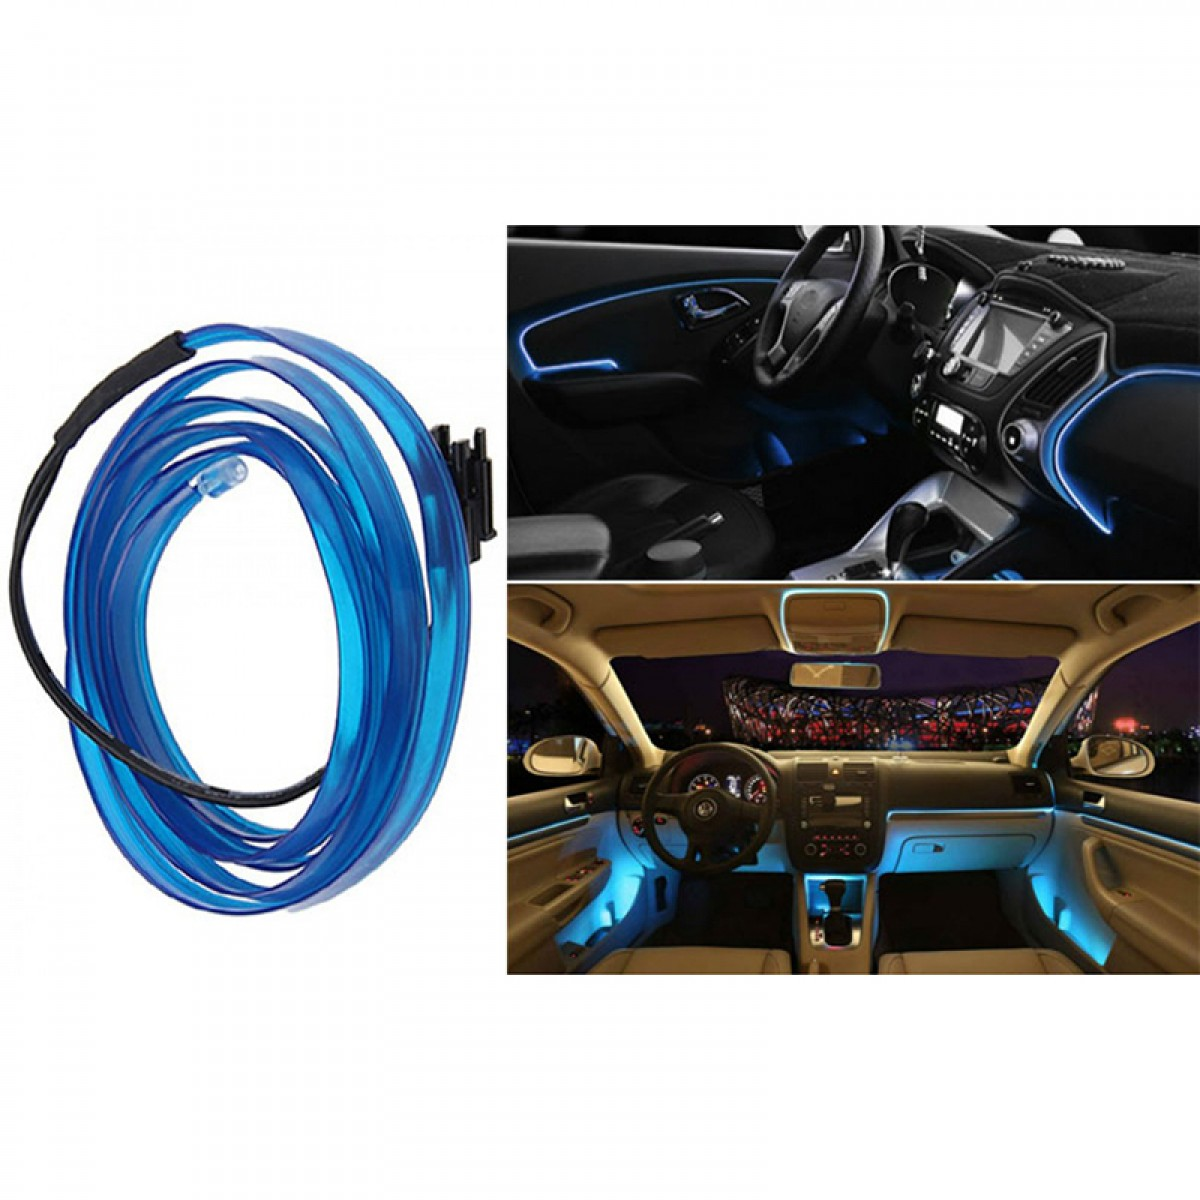 Εύκαμπτο LED καλώδιο 2m για την εσωτερική διακόσμηση κάθε αυτοκινήτου - El wire- ΜΠΛΕ